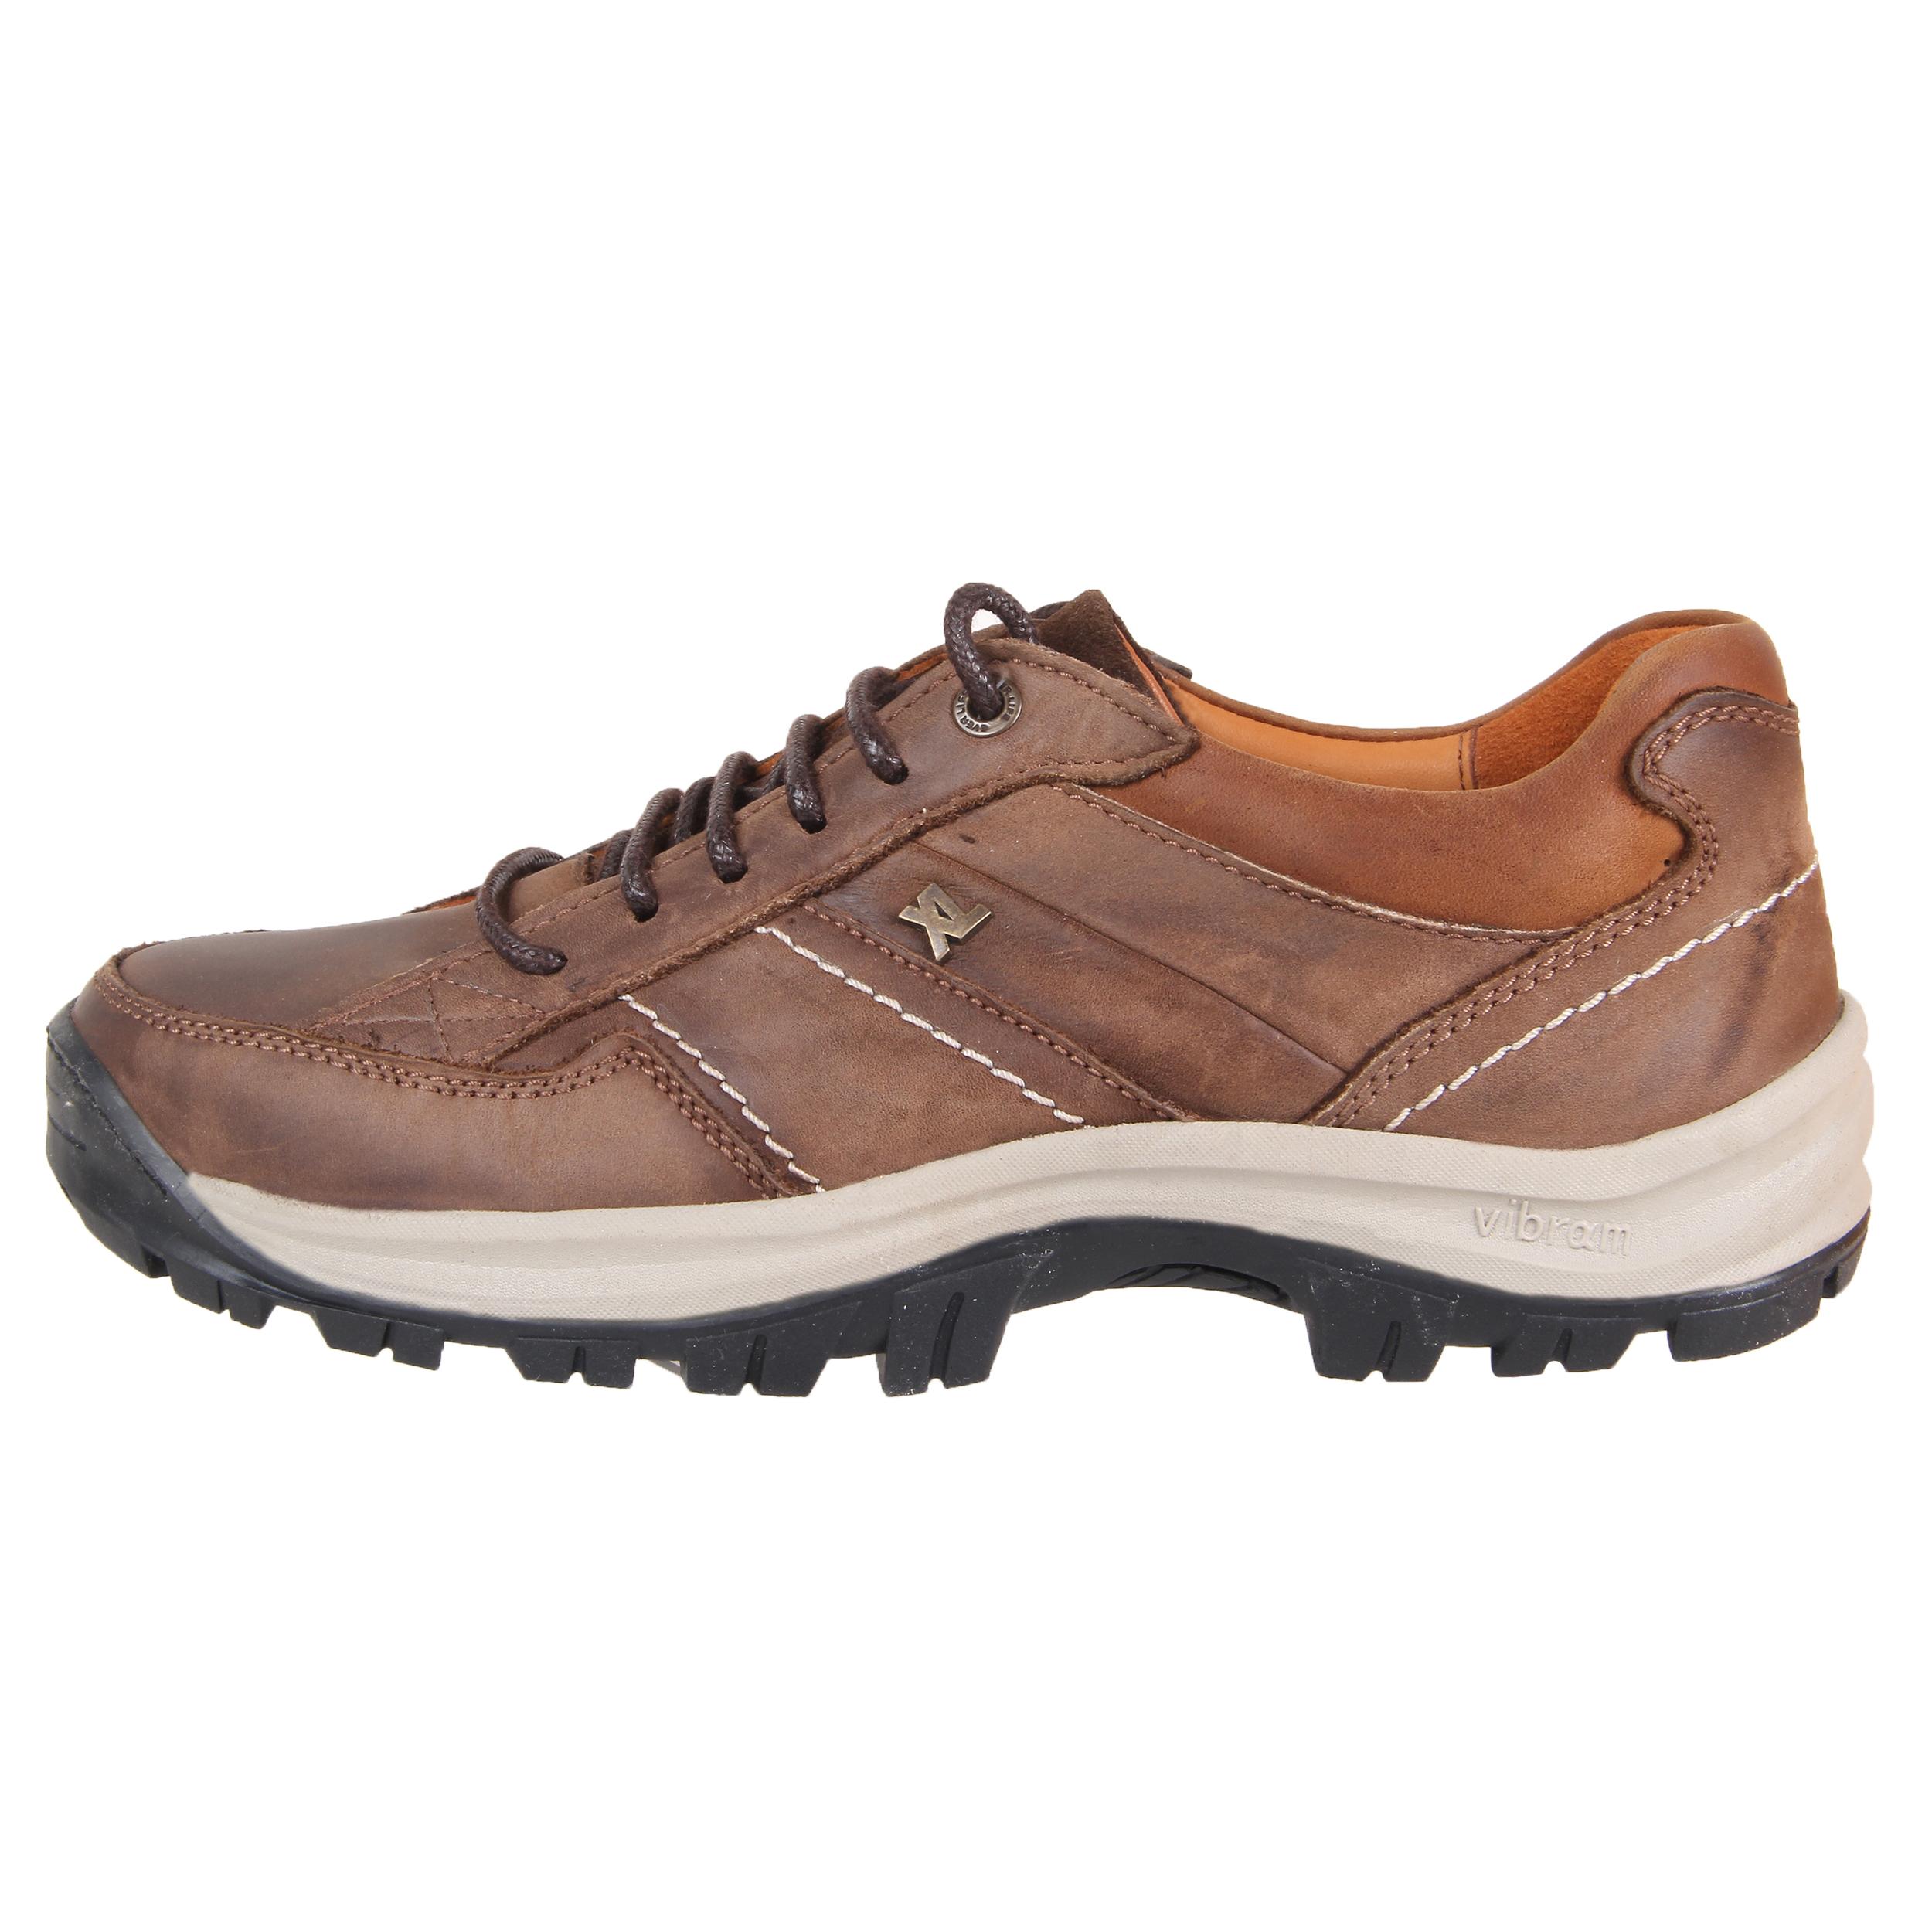 قیمت کفش راحتی مردانه کد 3-39107